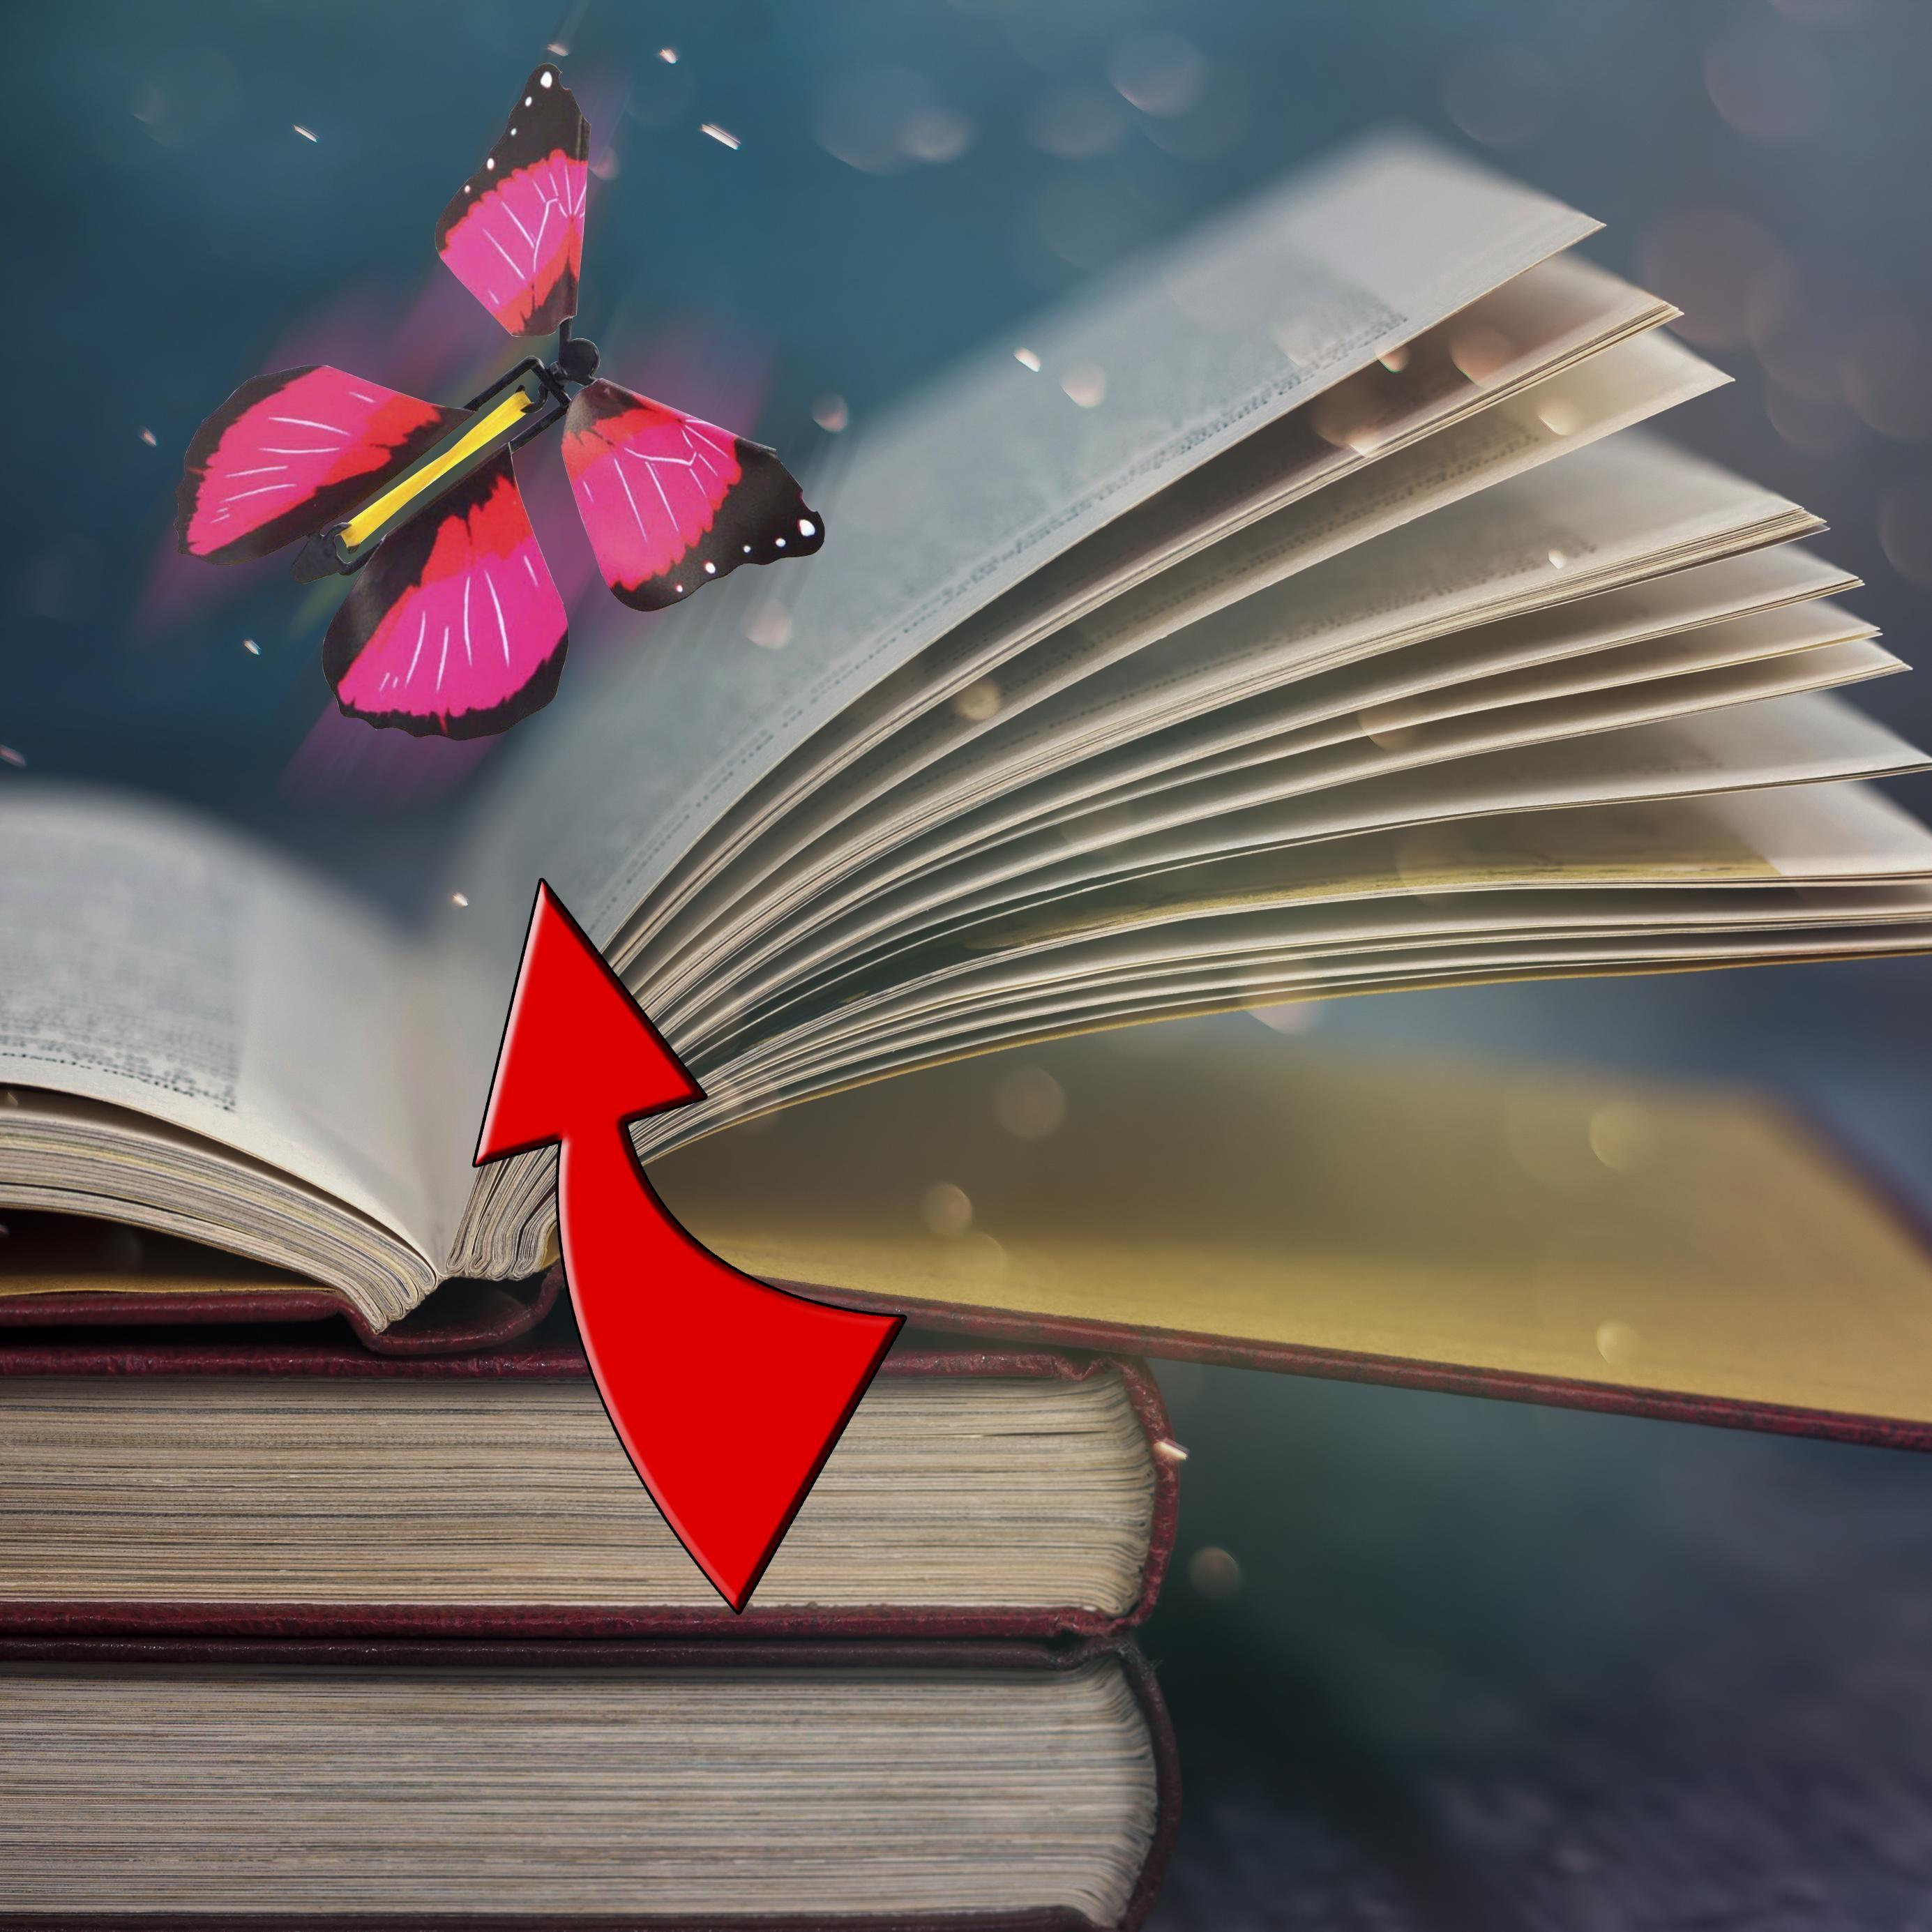 Fliegende Schmetterlinge als Geschenk?